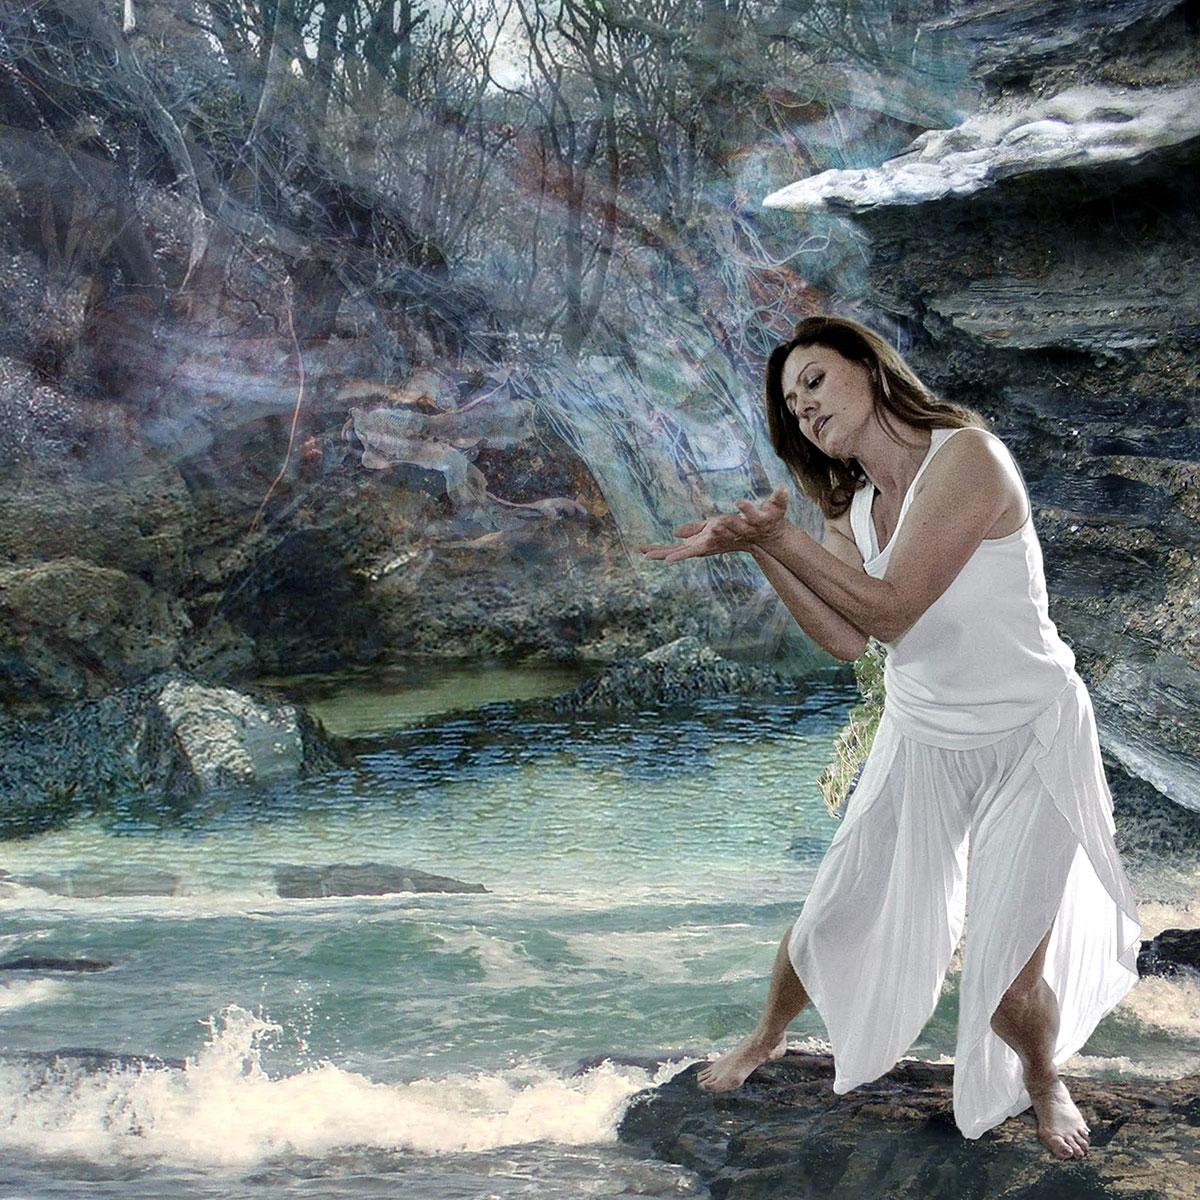 paula-in-white-at-waterfall.jpg